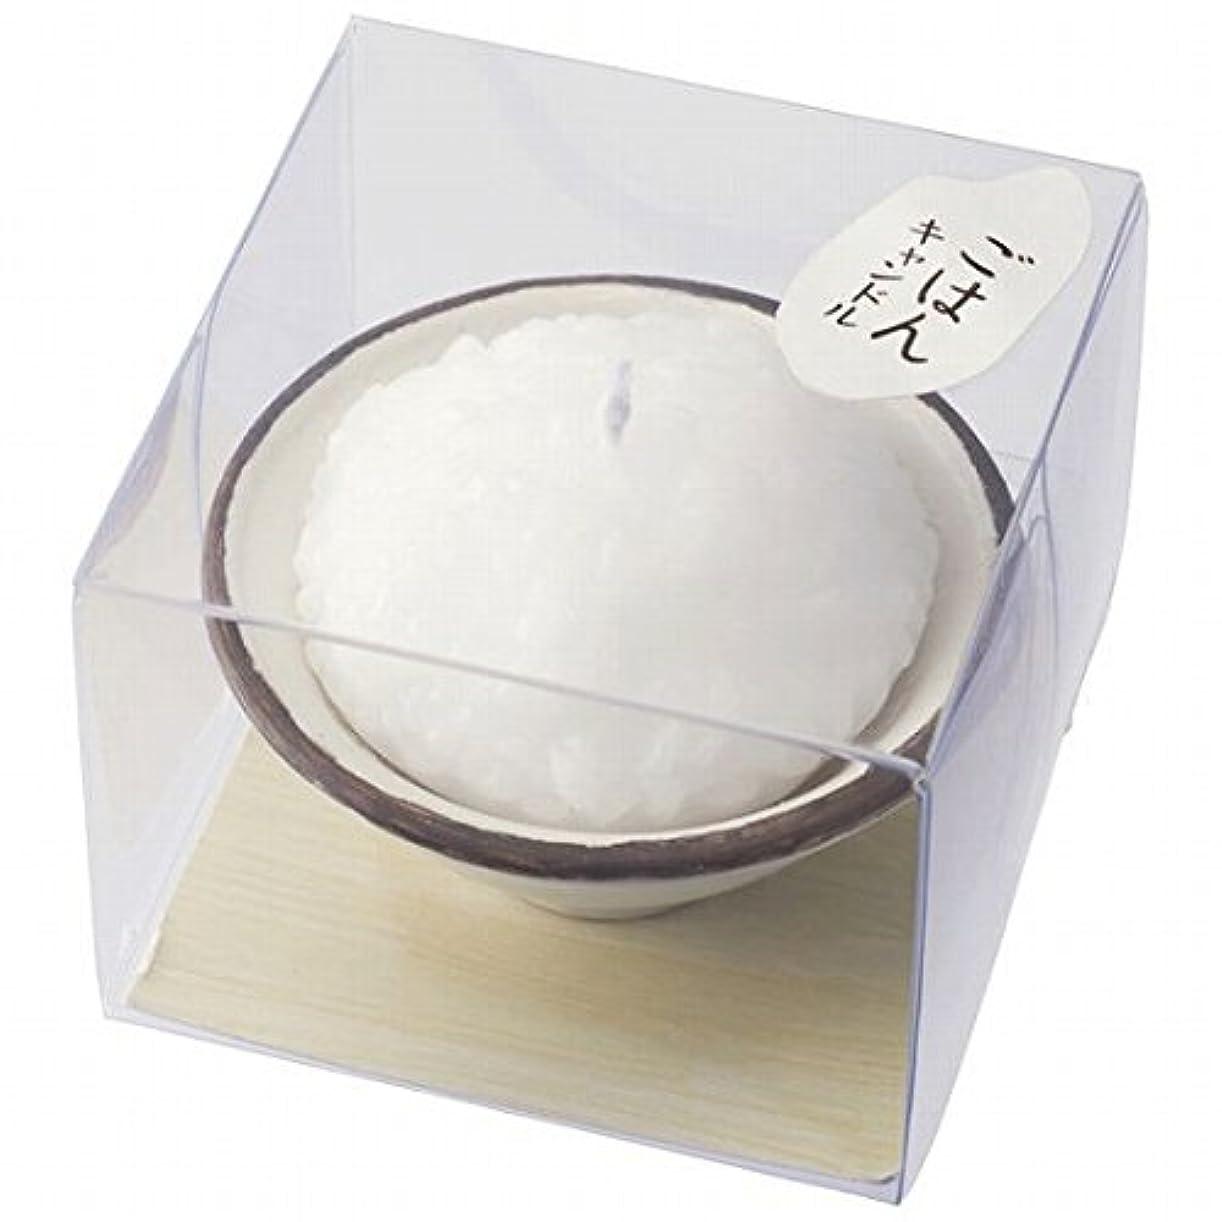 探偵光の甘くするカメヤマキャンドル(kameyama candle) ごはんキャンドル